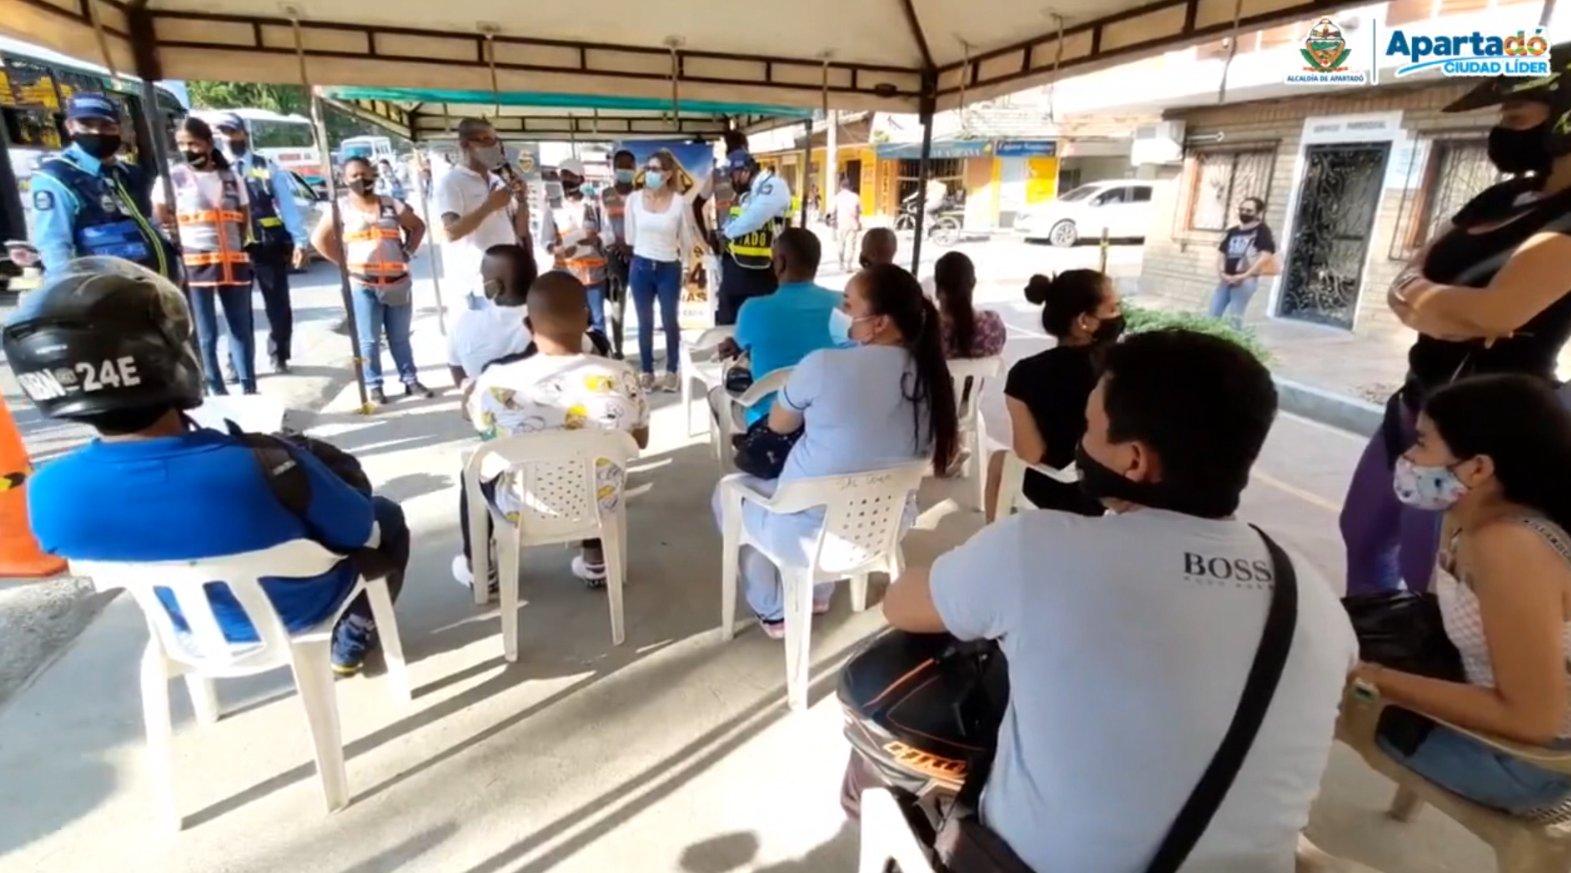 Campaña vial para mejorar movilidad en Apartadó